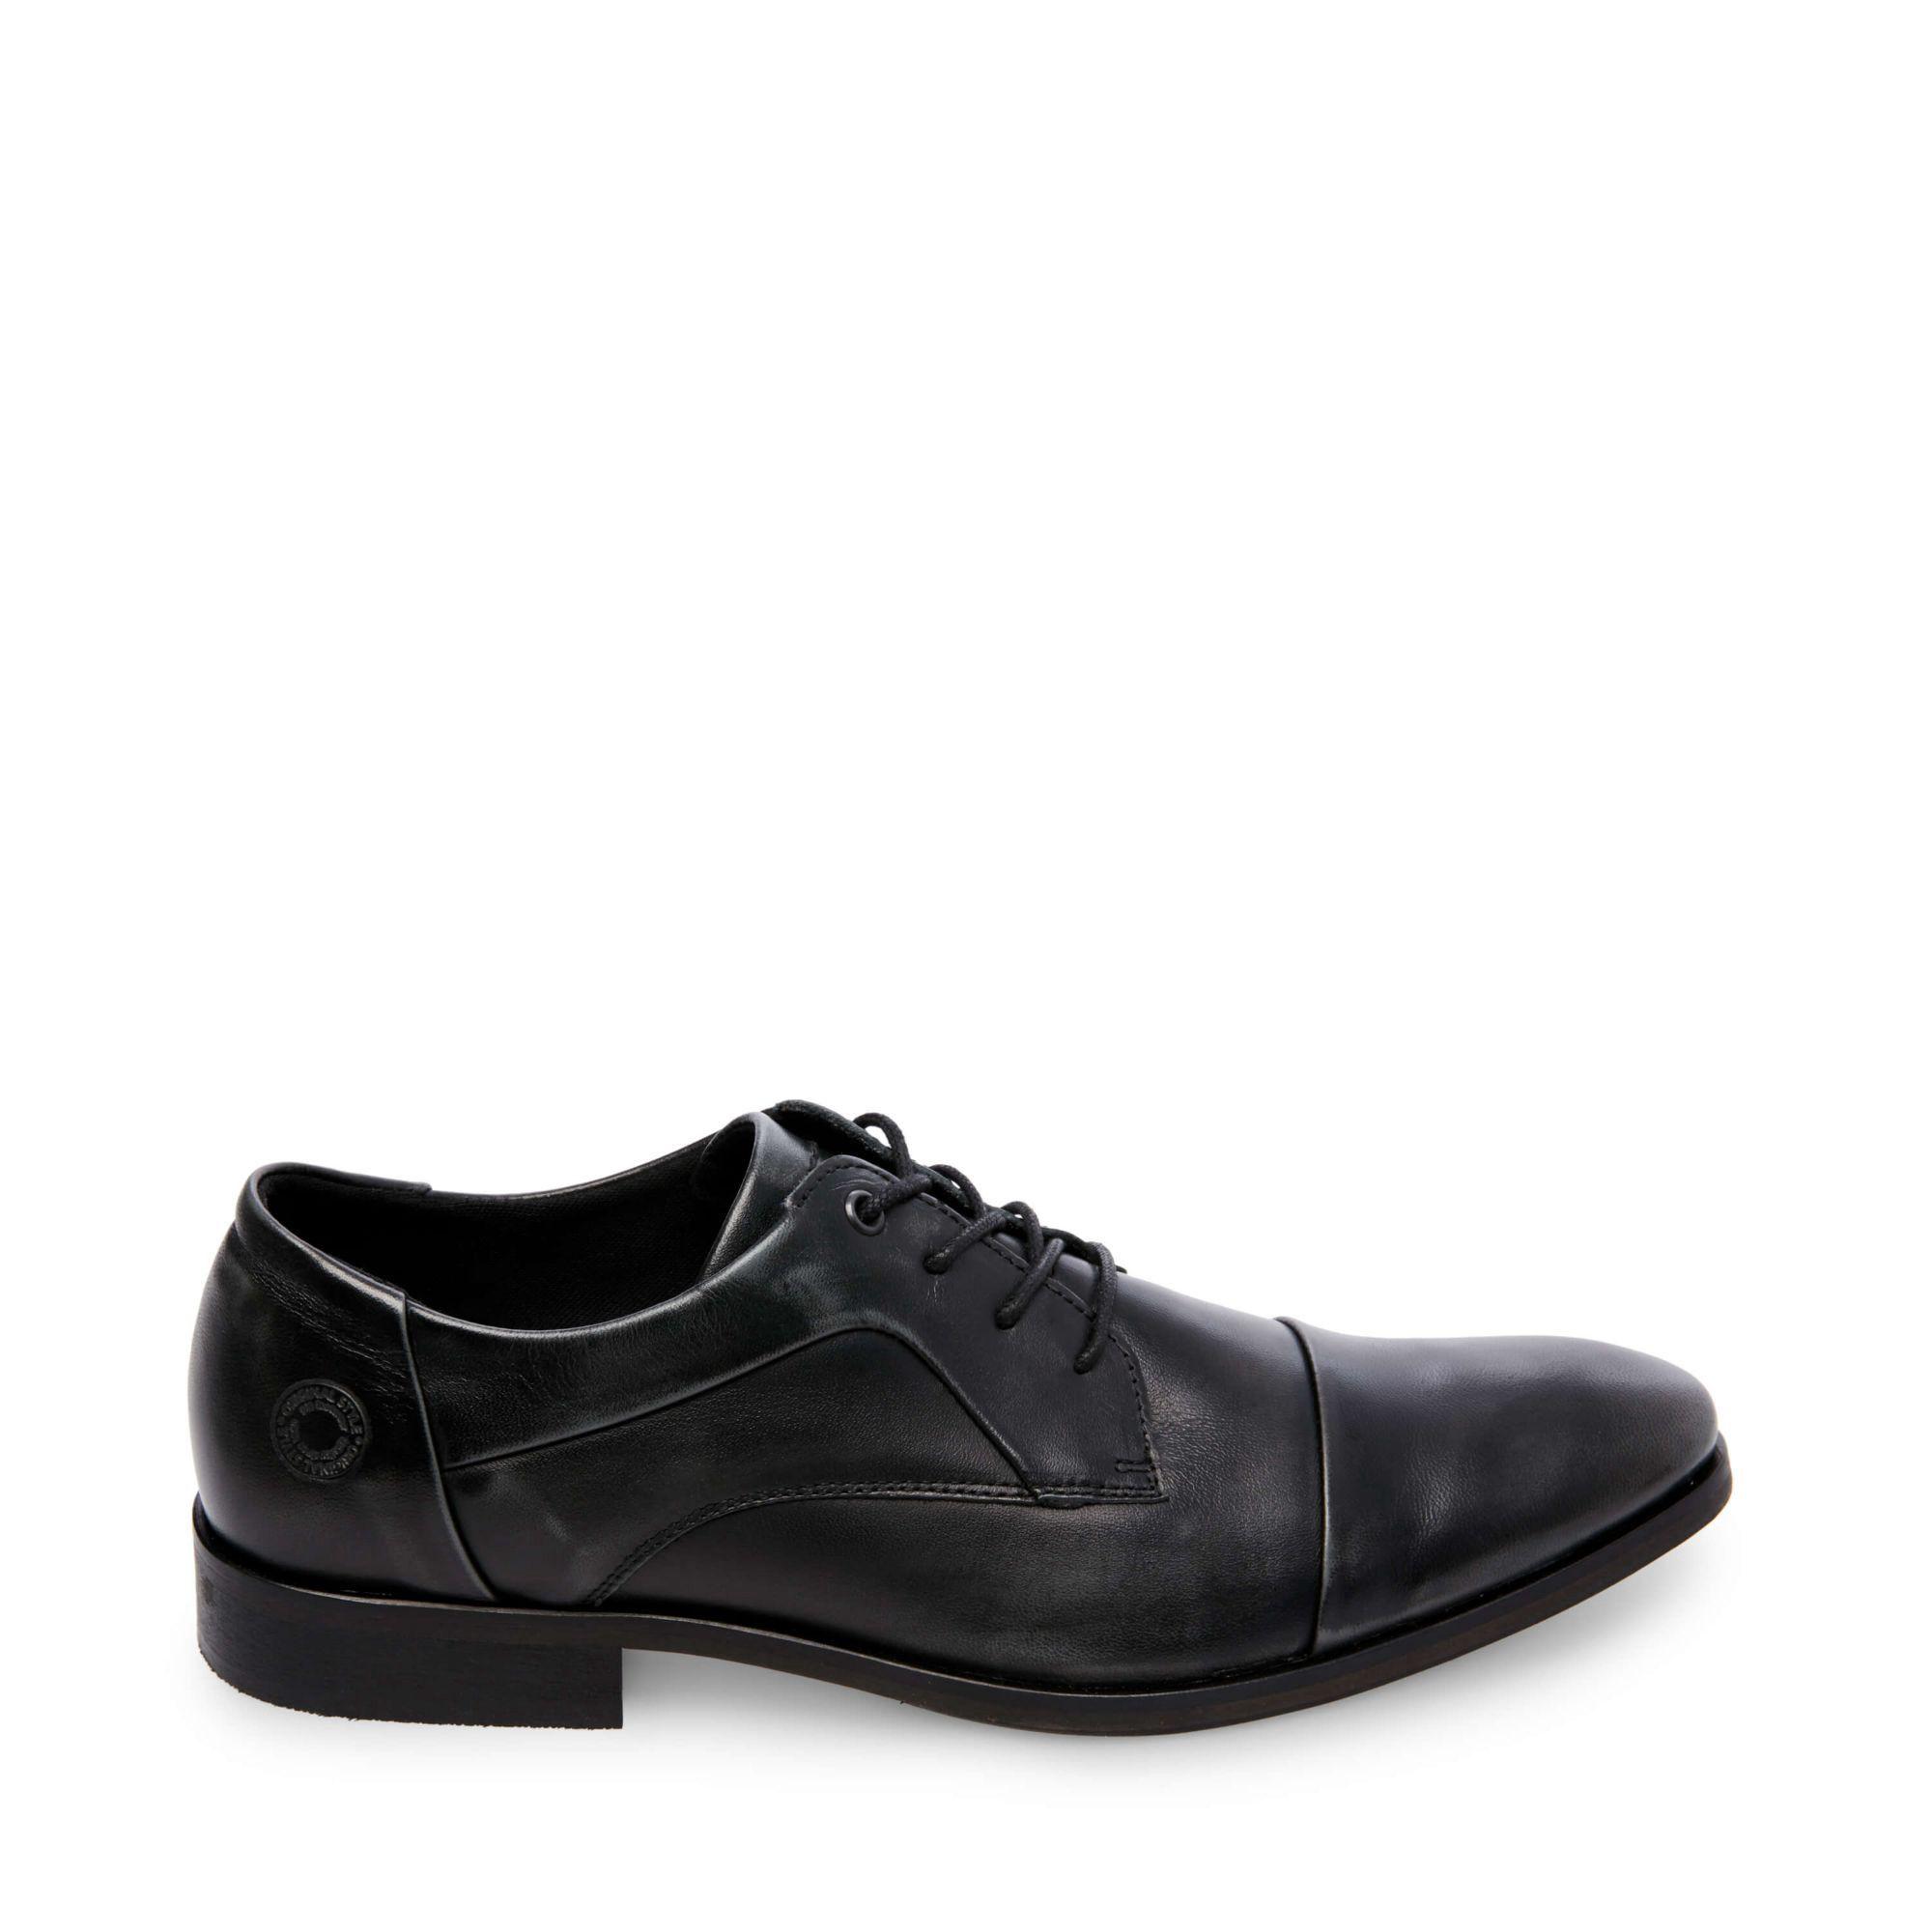 a0c3722696f Steve Madden Aqua - Black Leather 12.0